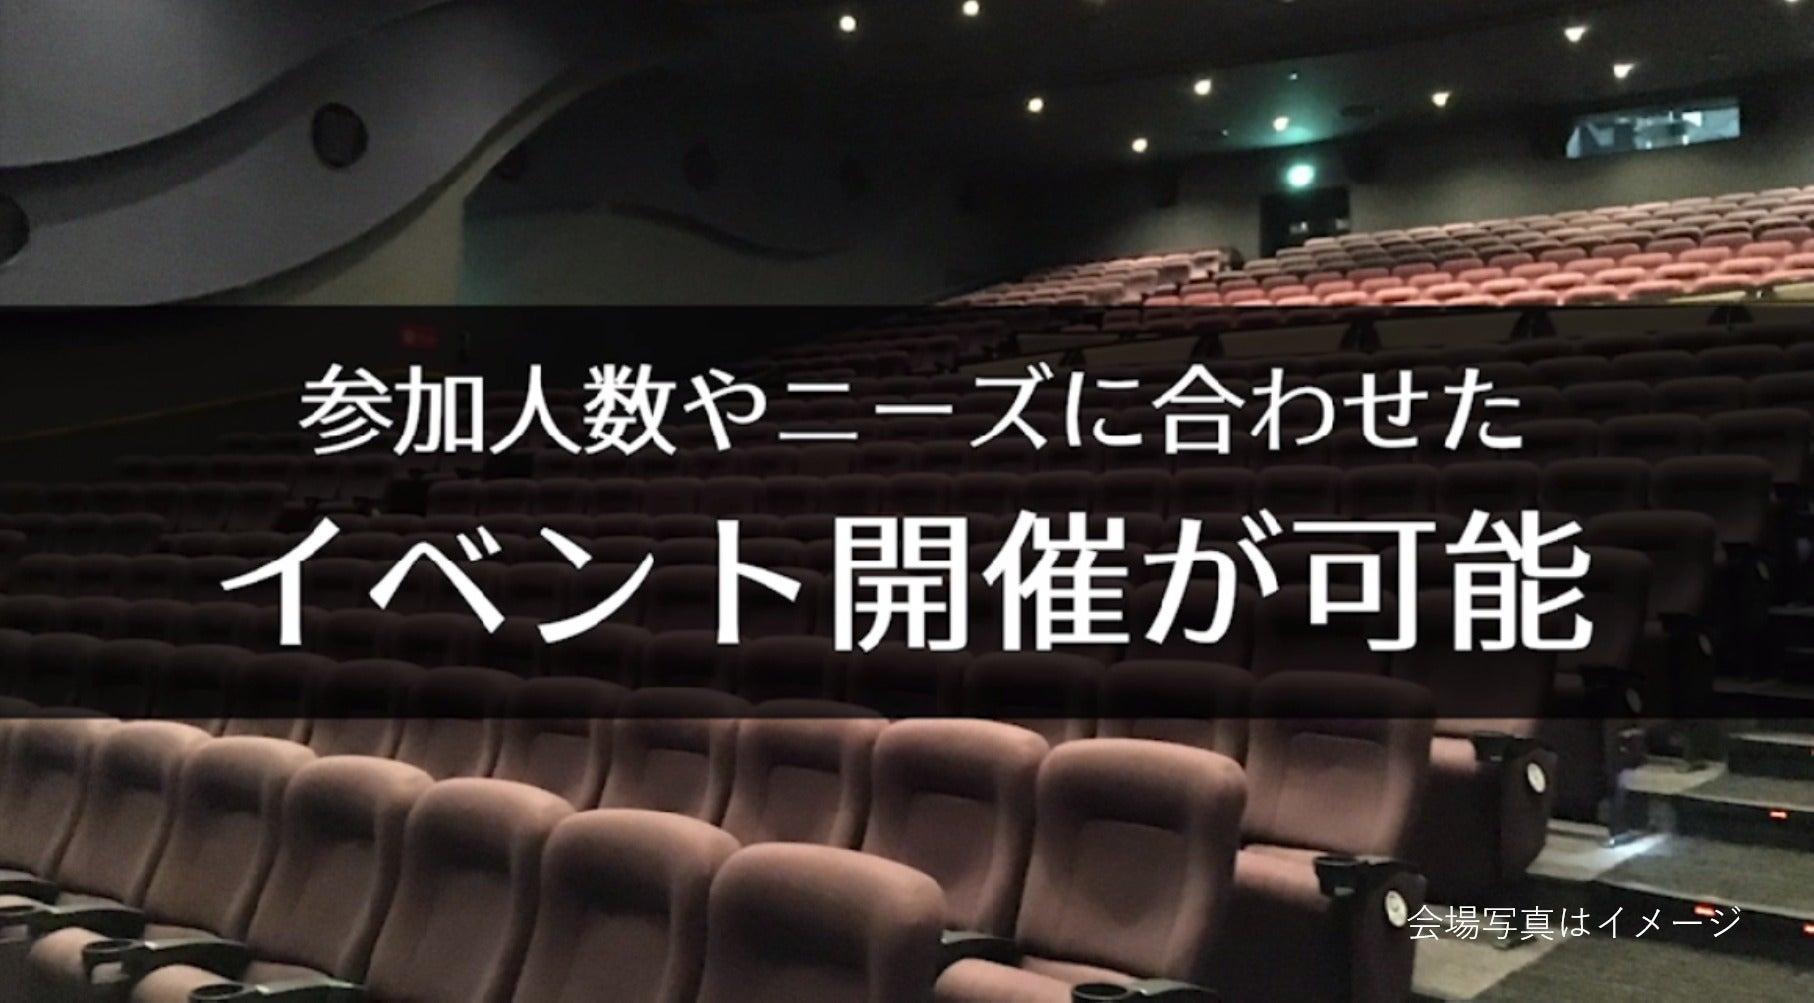 【幕張 273席】映画館で、会社説明会、株主総会、講演会の企画はいかがですか?(シネプレックス幕張) の写真0